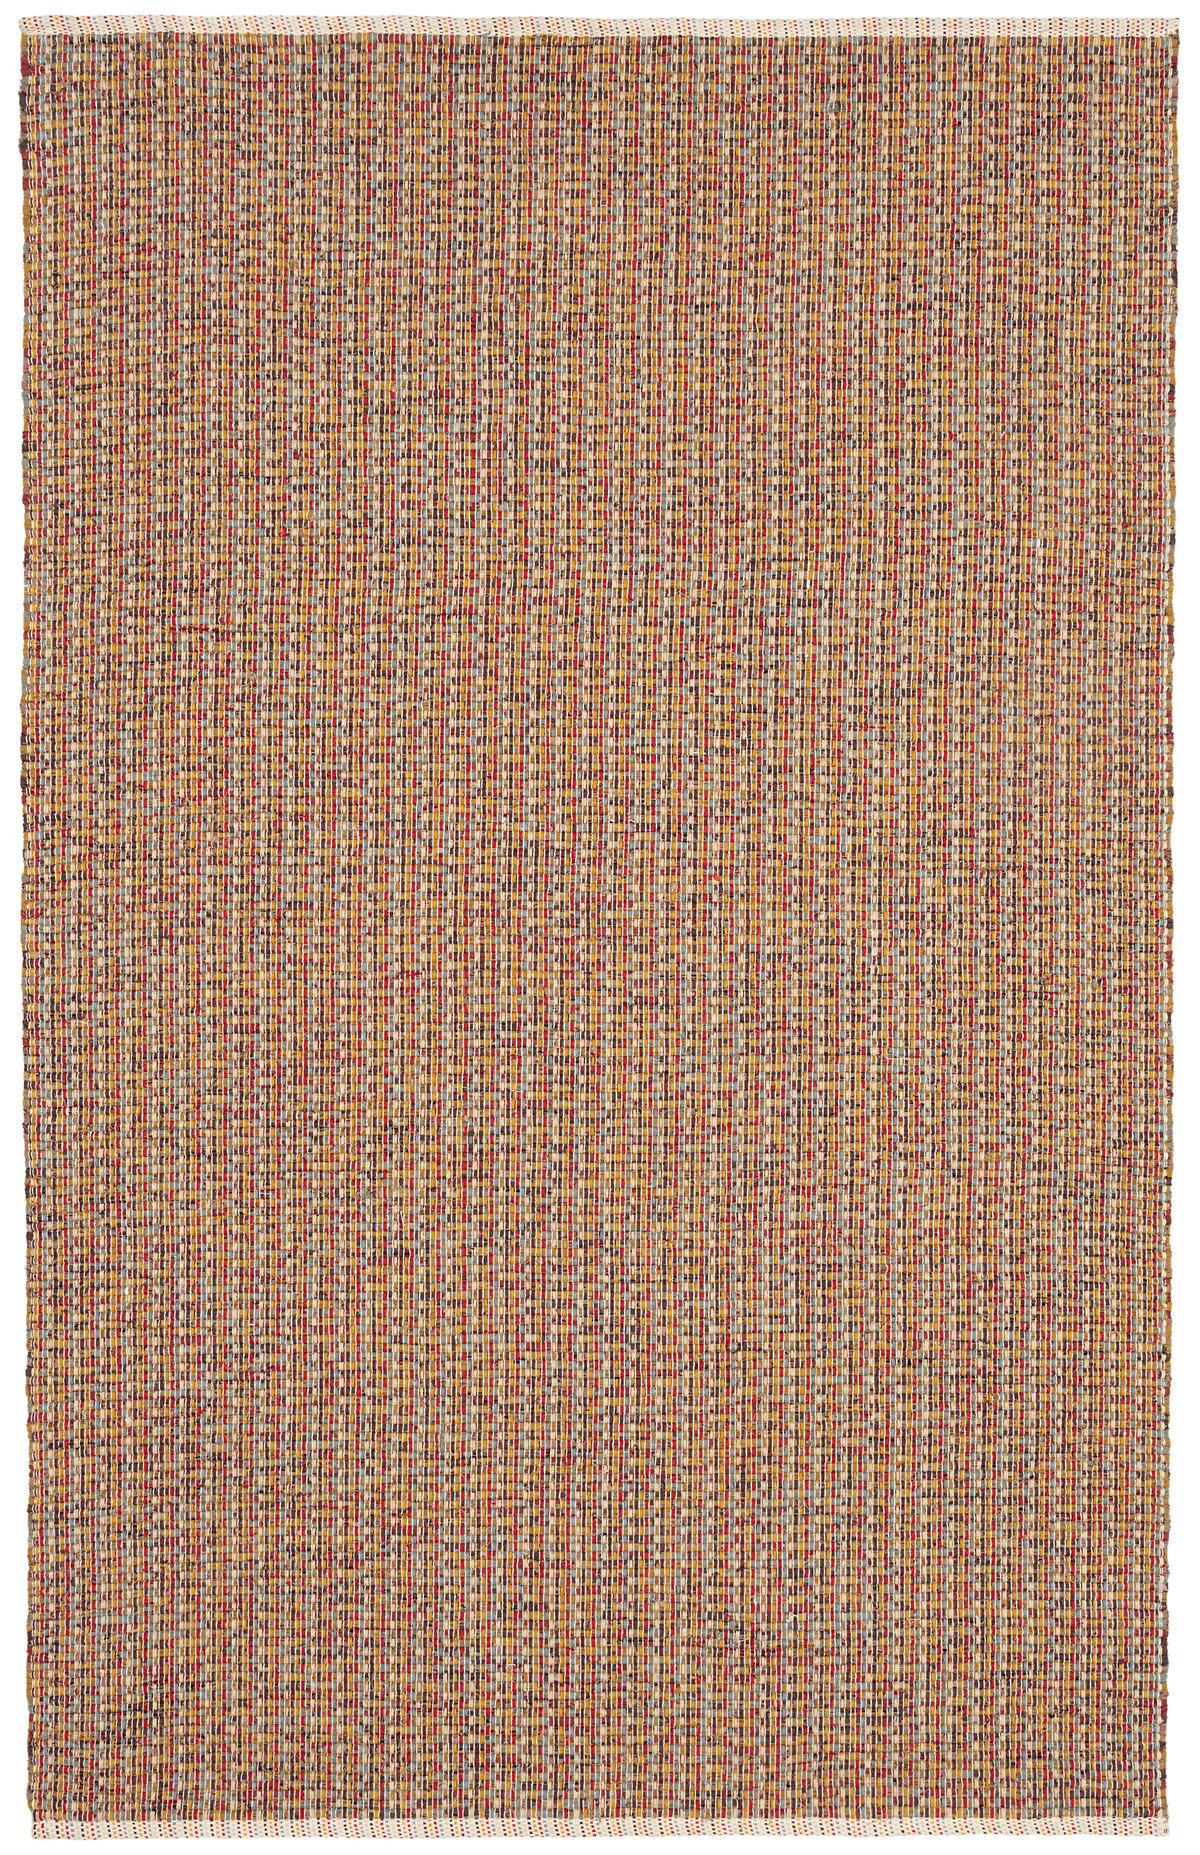 Whitney Rag Woven Cotton Rug